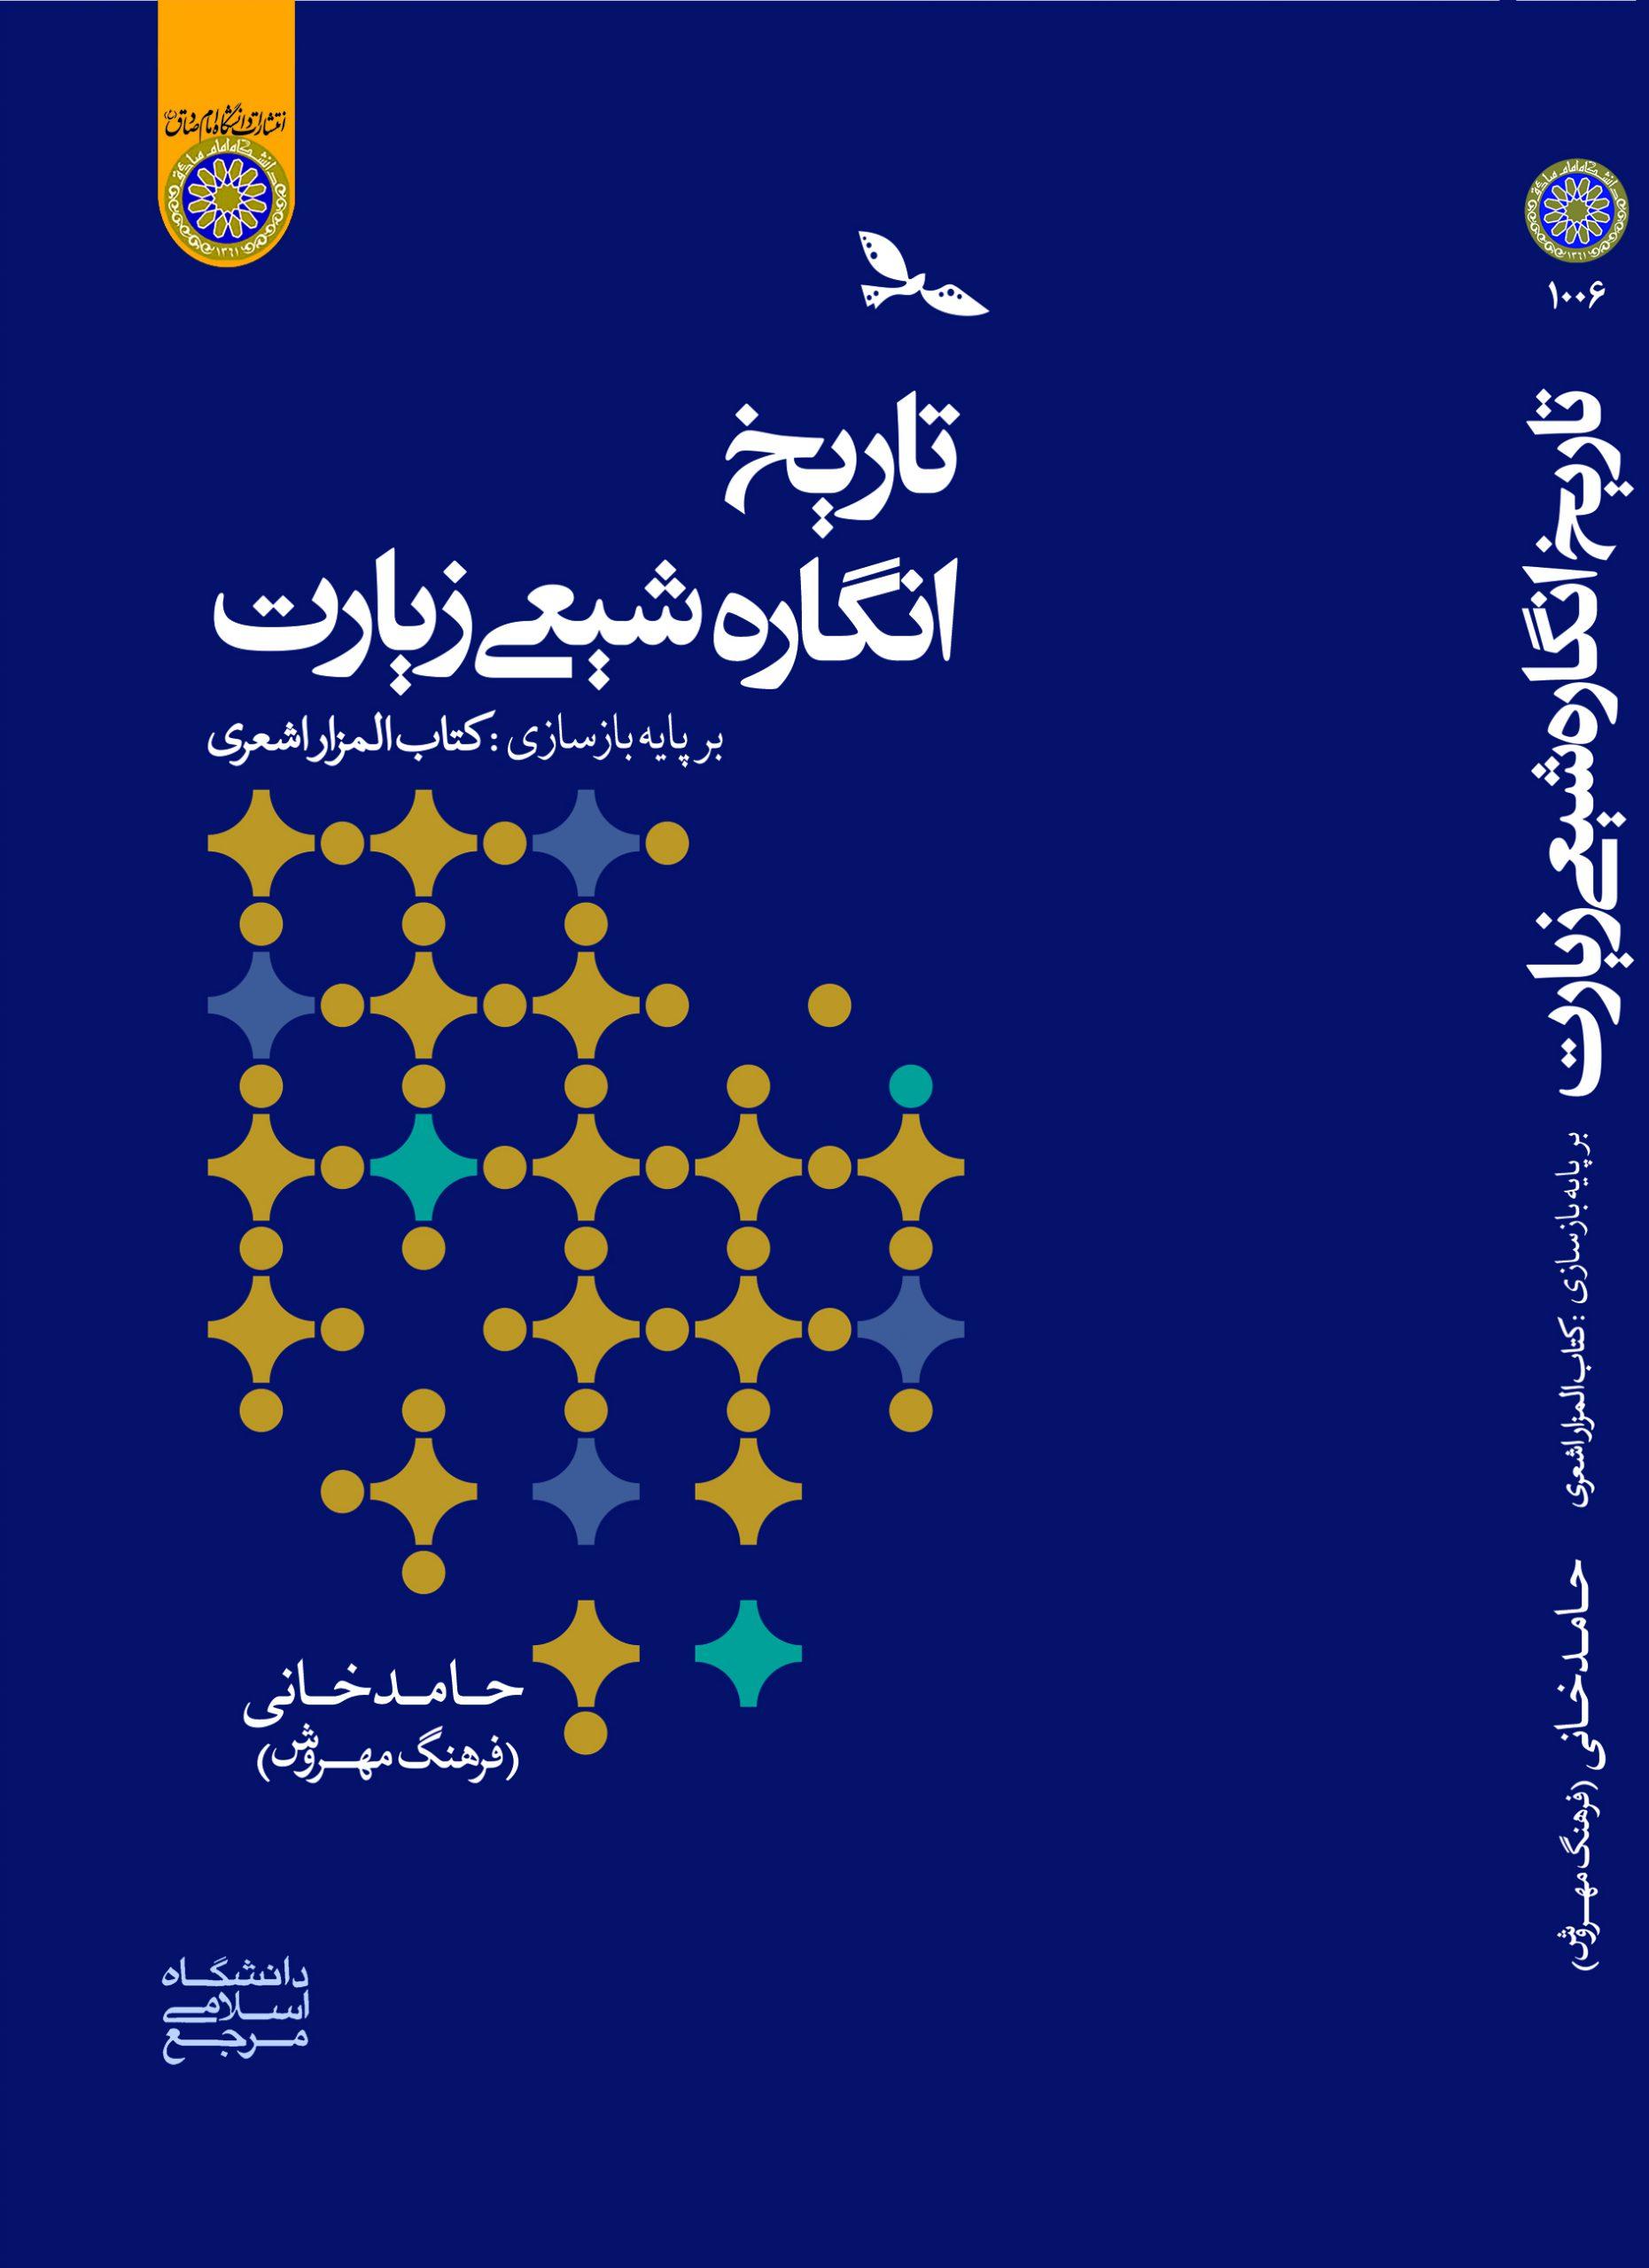 نقد و بررسی کتاب تاریخ انگاره شیعی زیارت بر پایه بازسازی کتاب المزار اشعری